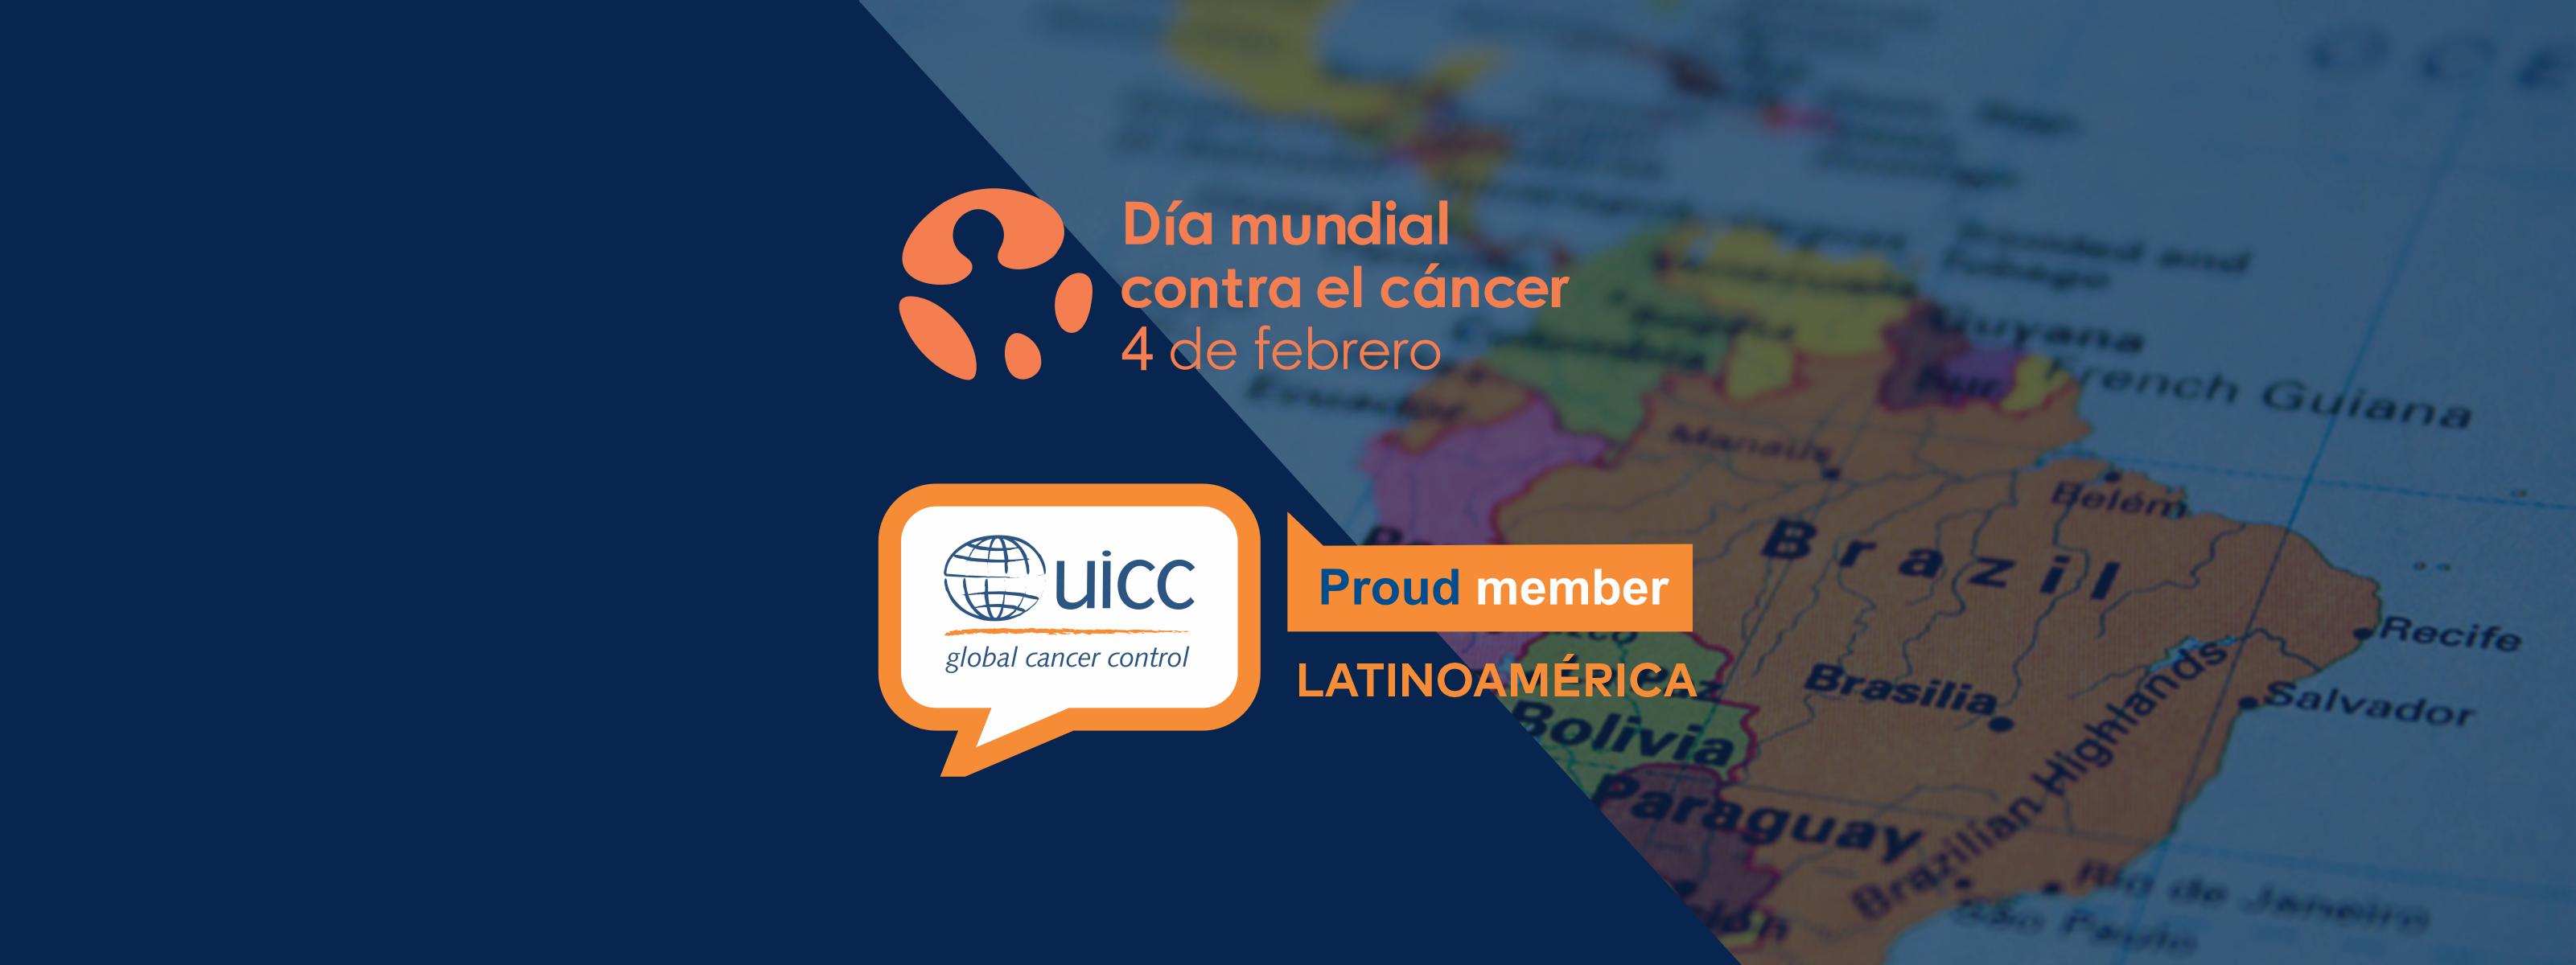 Actividades realizadas por organizaciones miembros de la Unión Internacional contra el Cáncer (UICC) región Latinoamérica en el Día Mundial contra el Cáncer 2021.